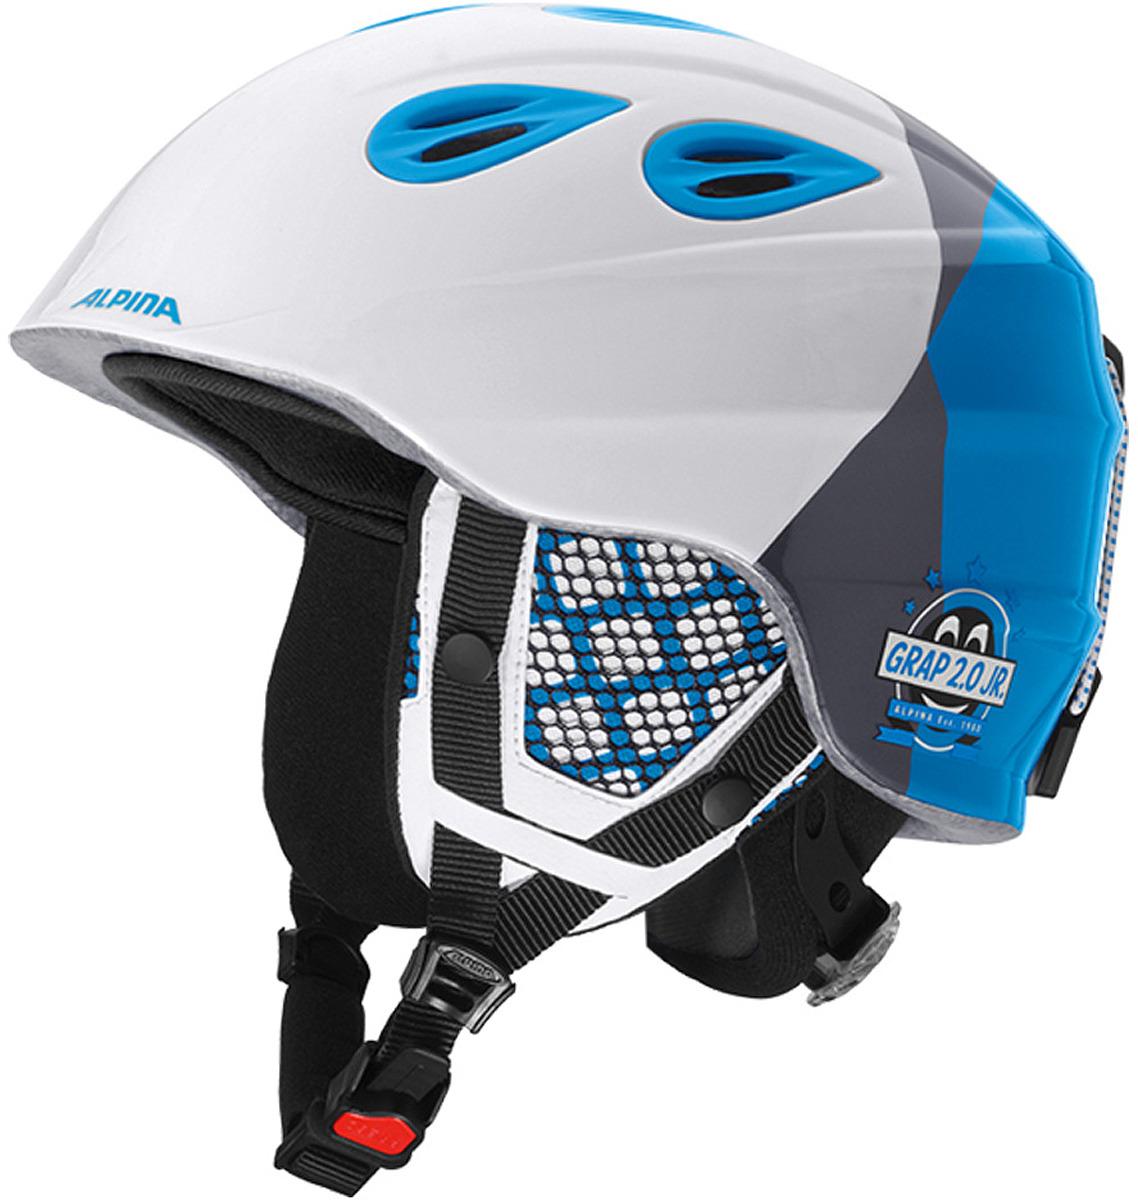 Шлем горнолыжный зимний Alpina Grap 2.0 JR, цвет: белый, серый, голубой. Размер 51-54 см